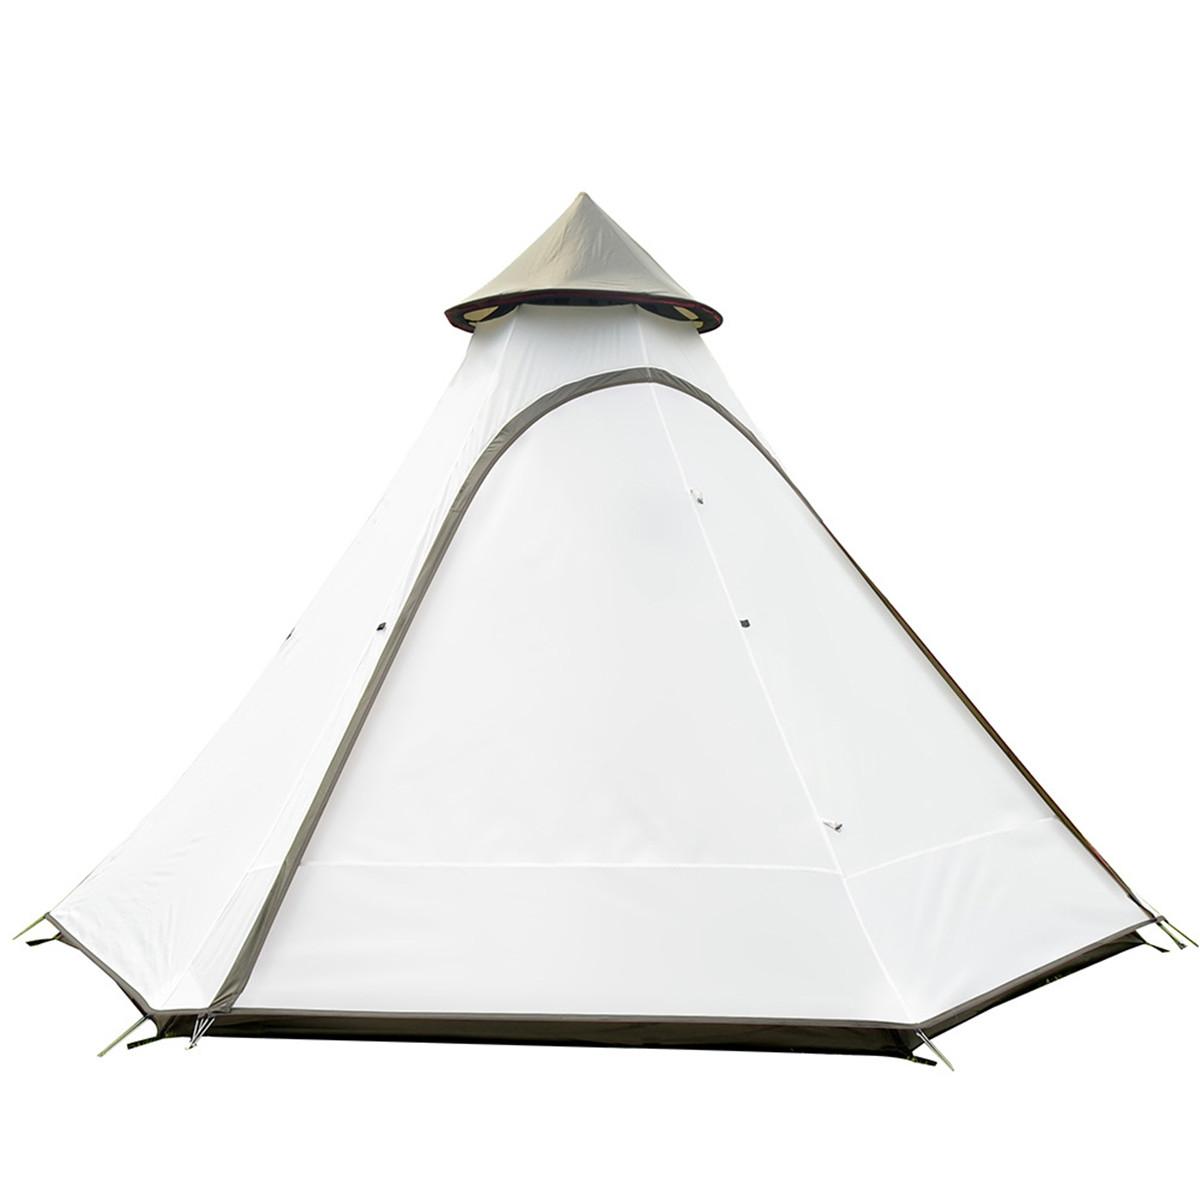 человекаНаоткрытомвоздухеКемпинг Палатка в индийском стиле Пирамида Семья Большой навес Зонт